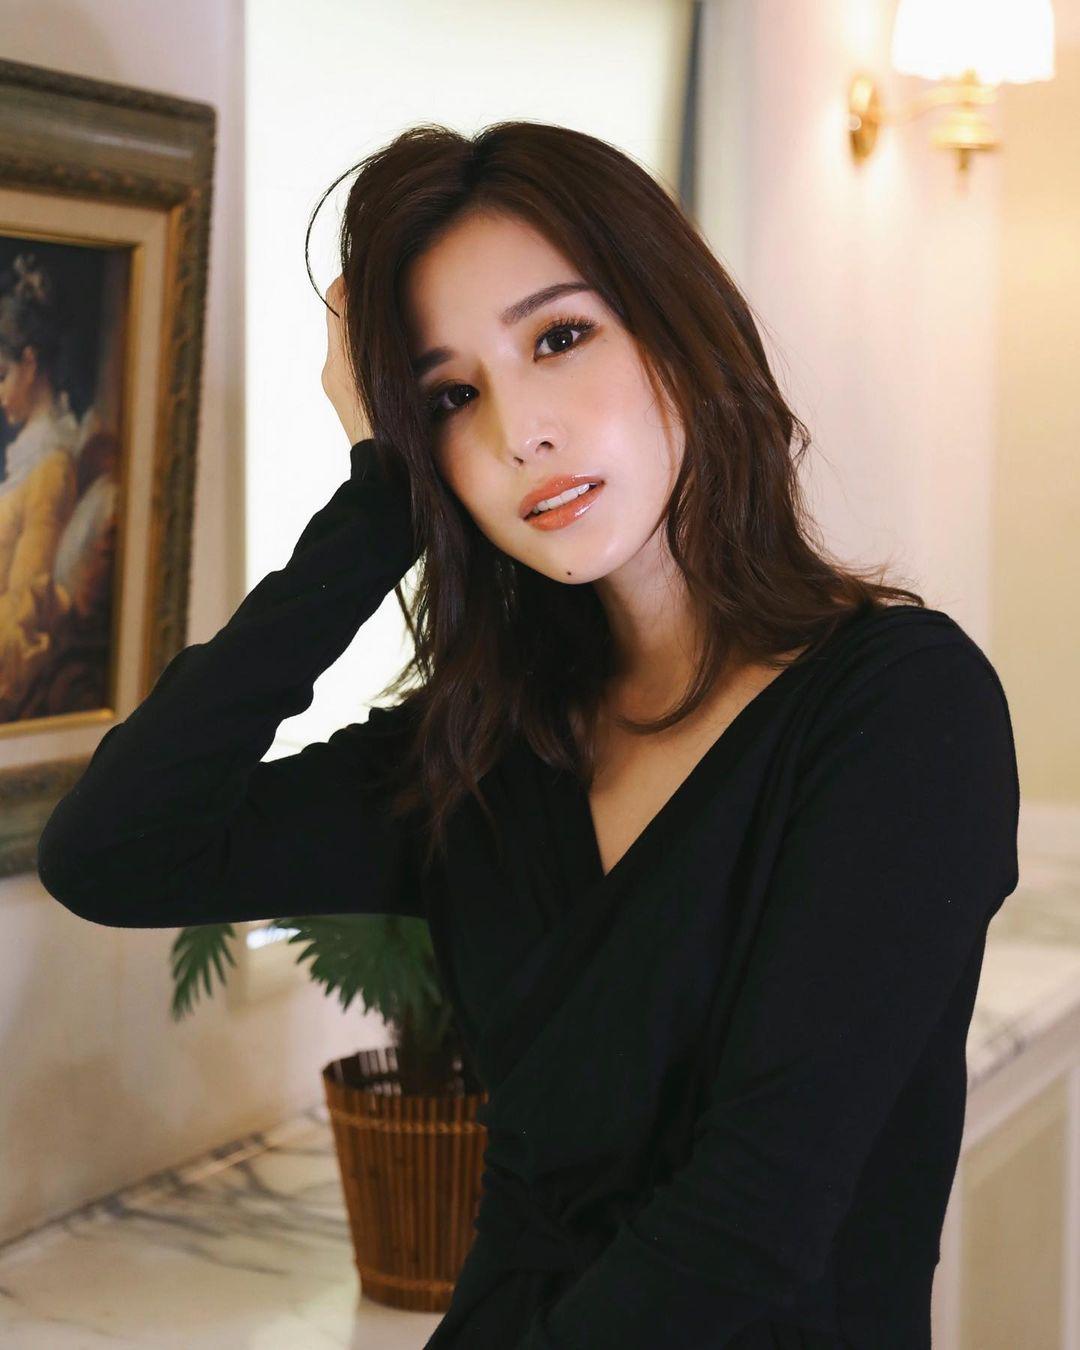 甜美小清新「益田アンナ」。看到她的笑容时心情都忍不住好起来了-新图包